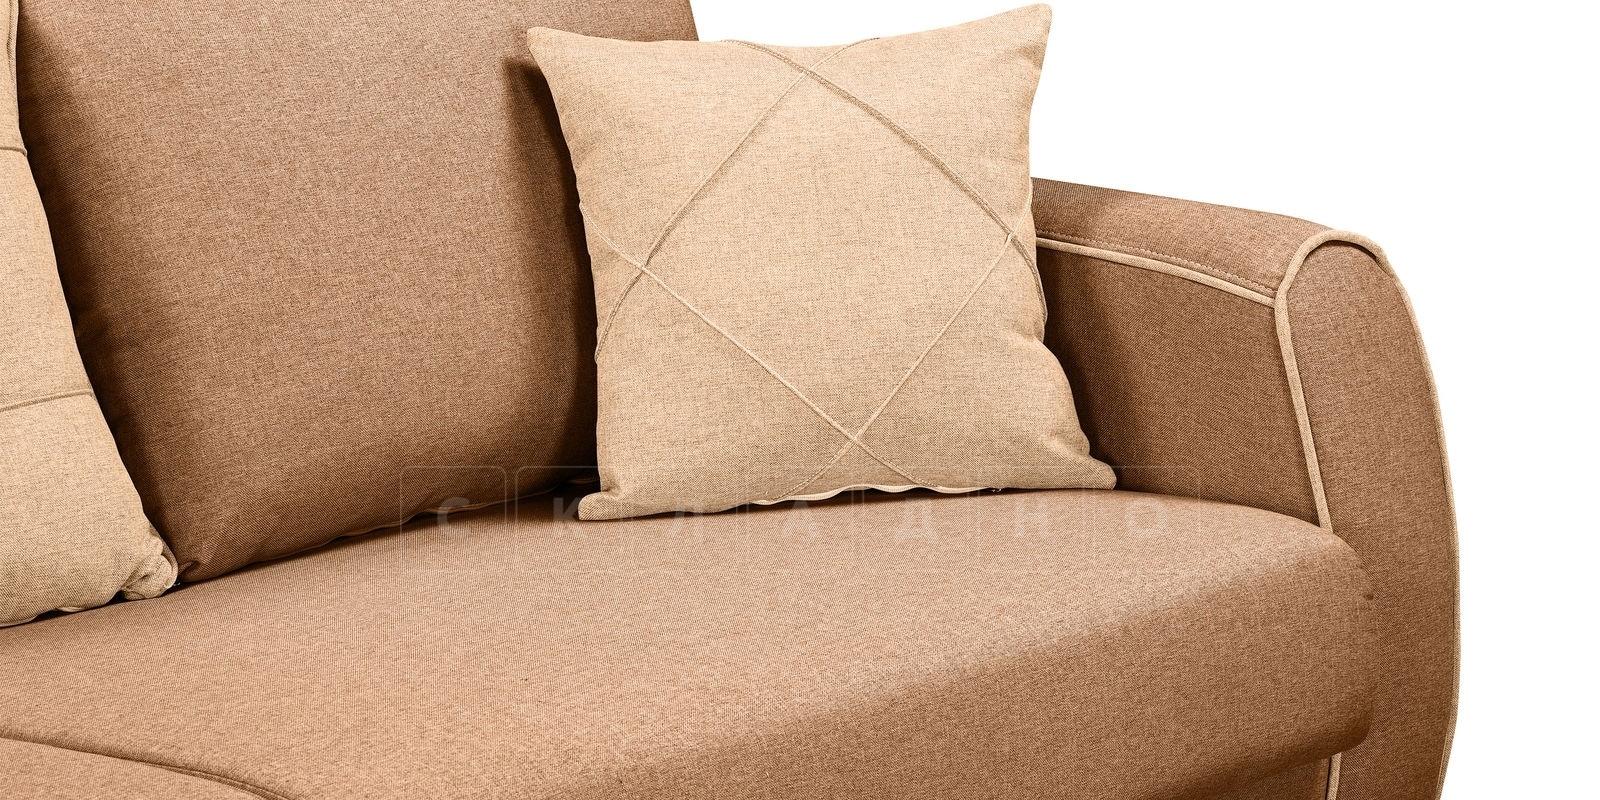 Диван Флэтфорд рогожка коричневый цвет фото 6 | интернет-магазин Складно